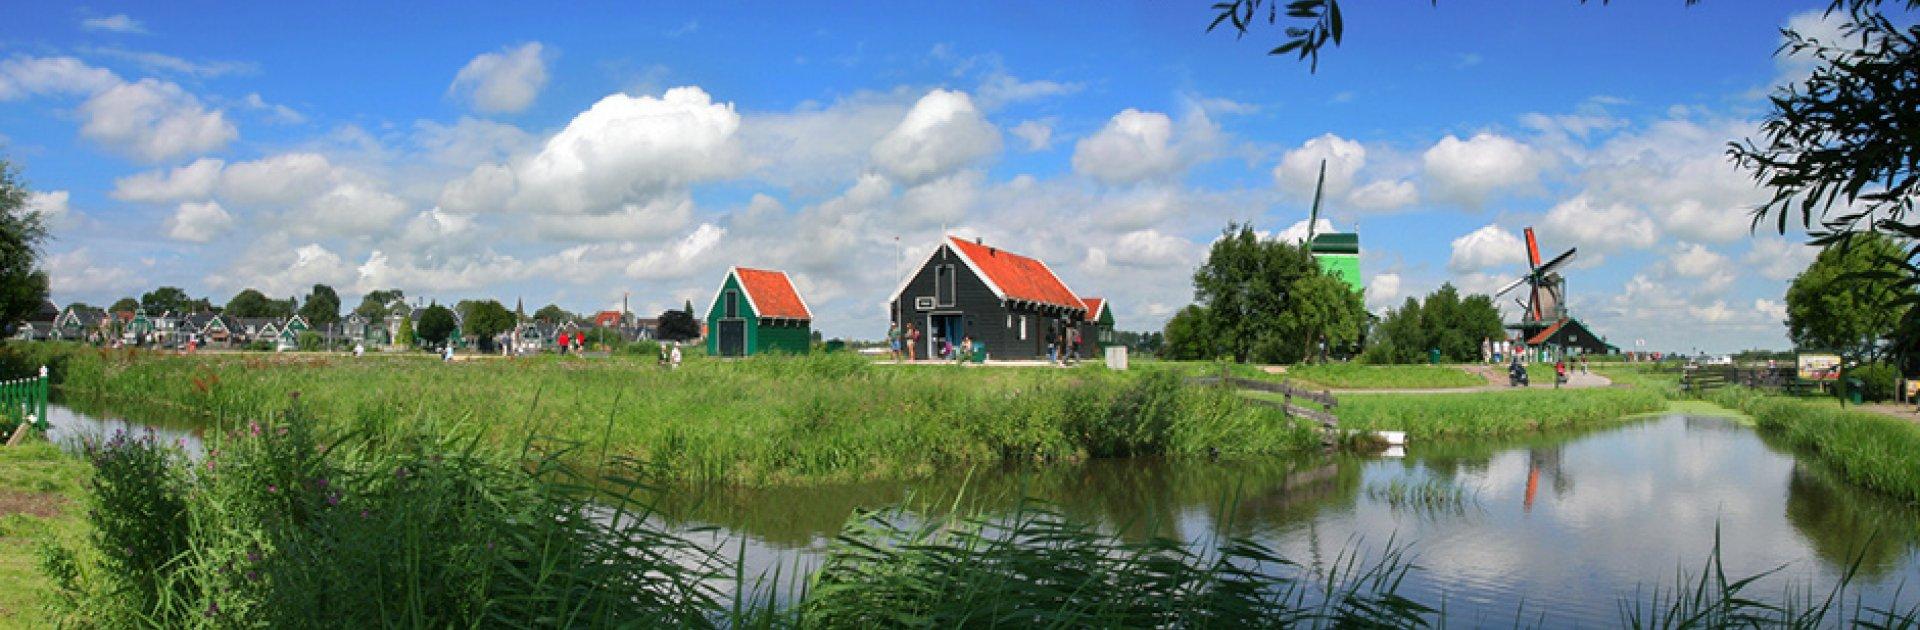 Ferienhäuser in den Niederlanden